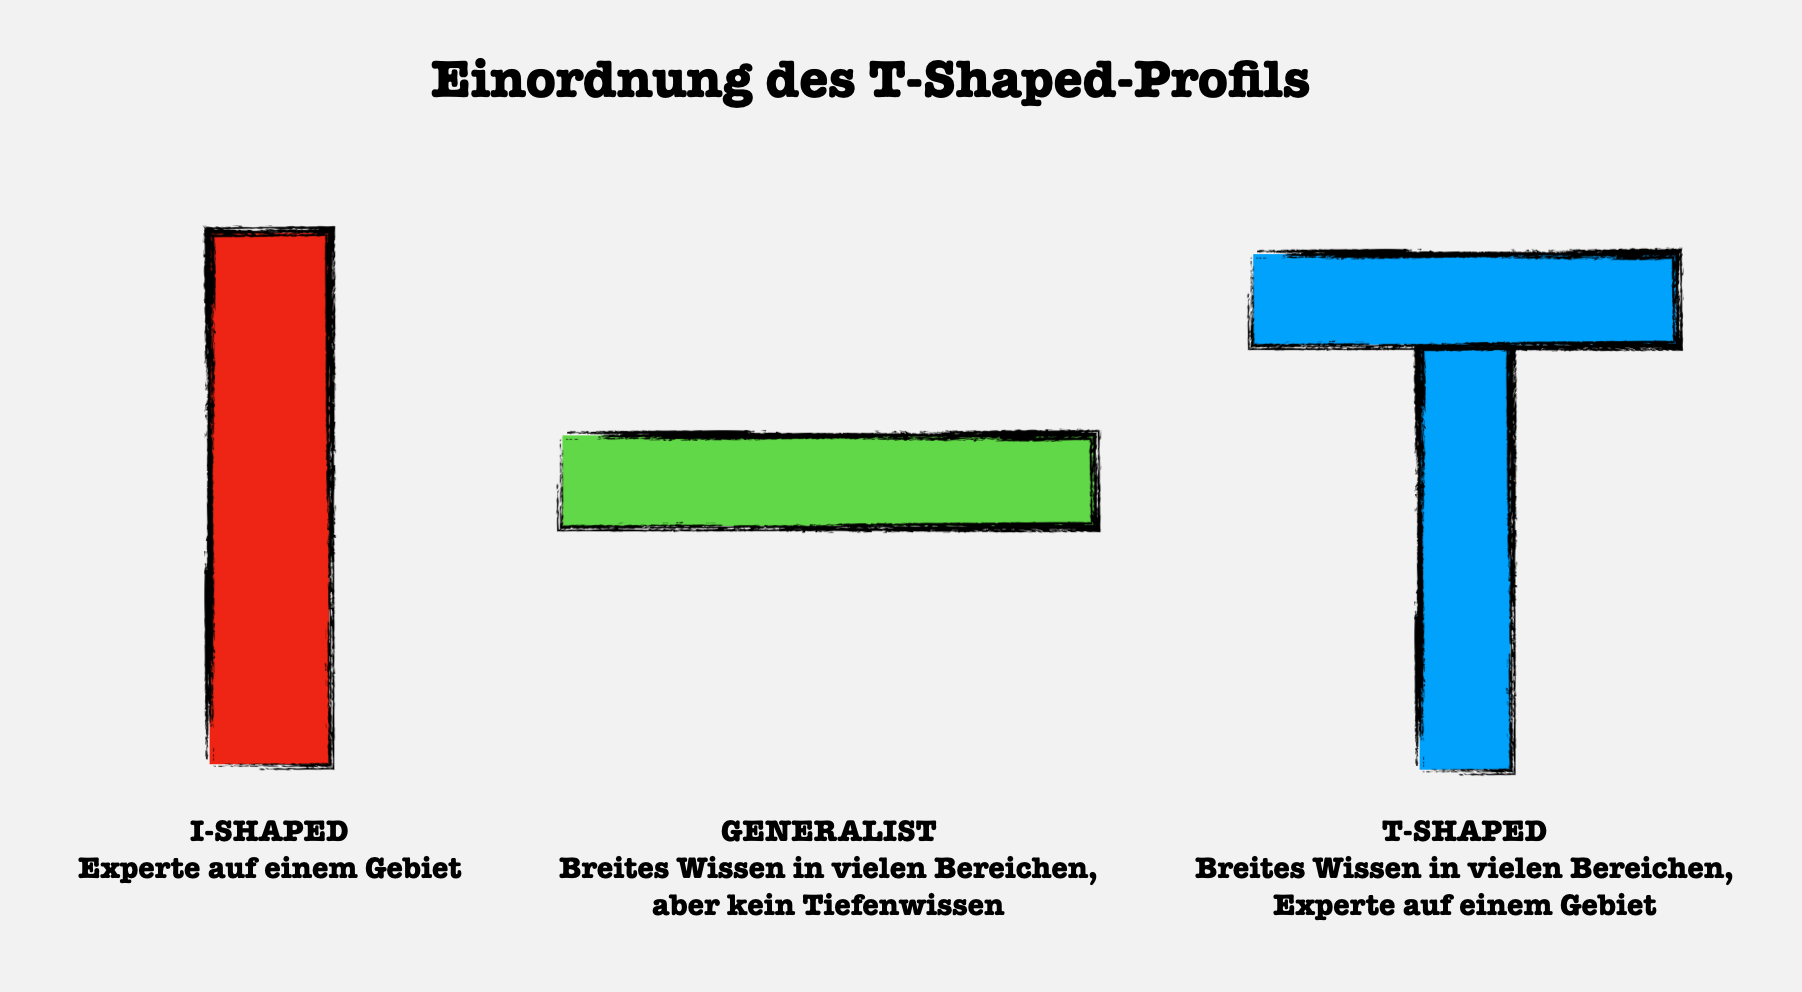 T-Shaped-Profil Erklärung